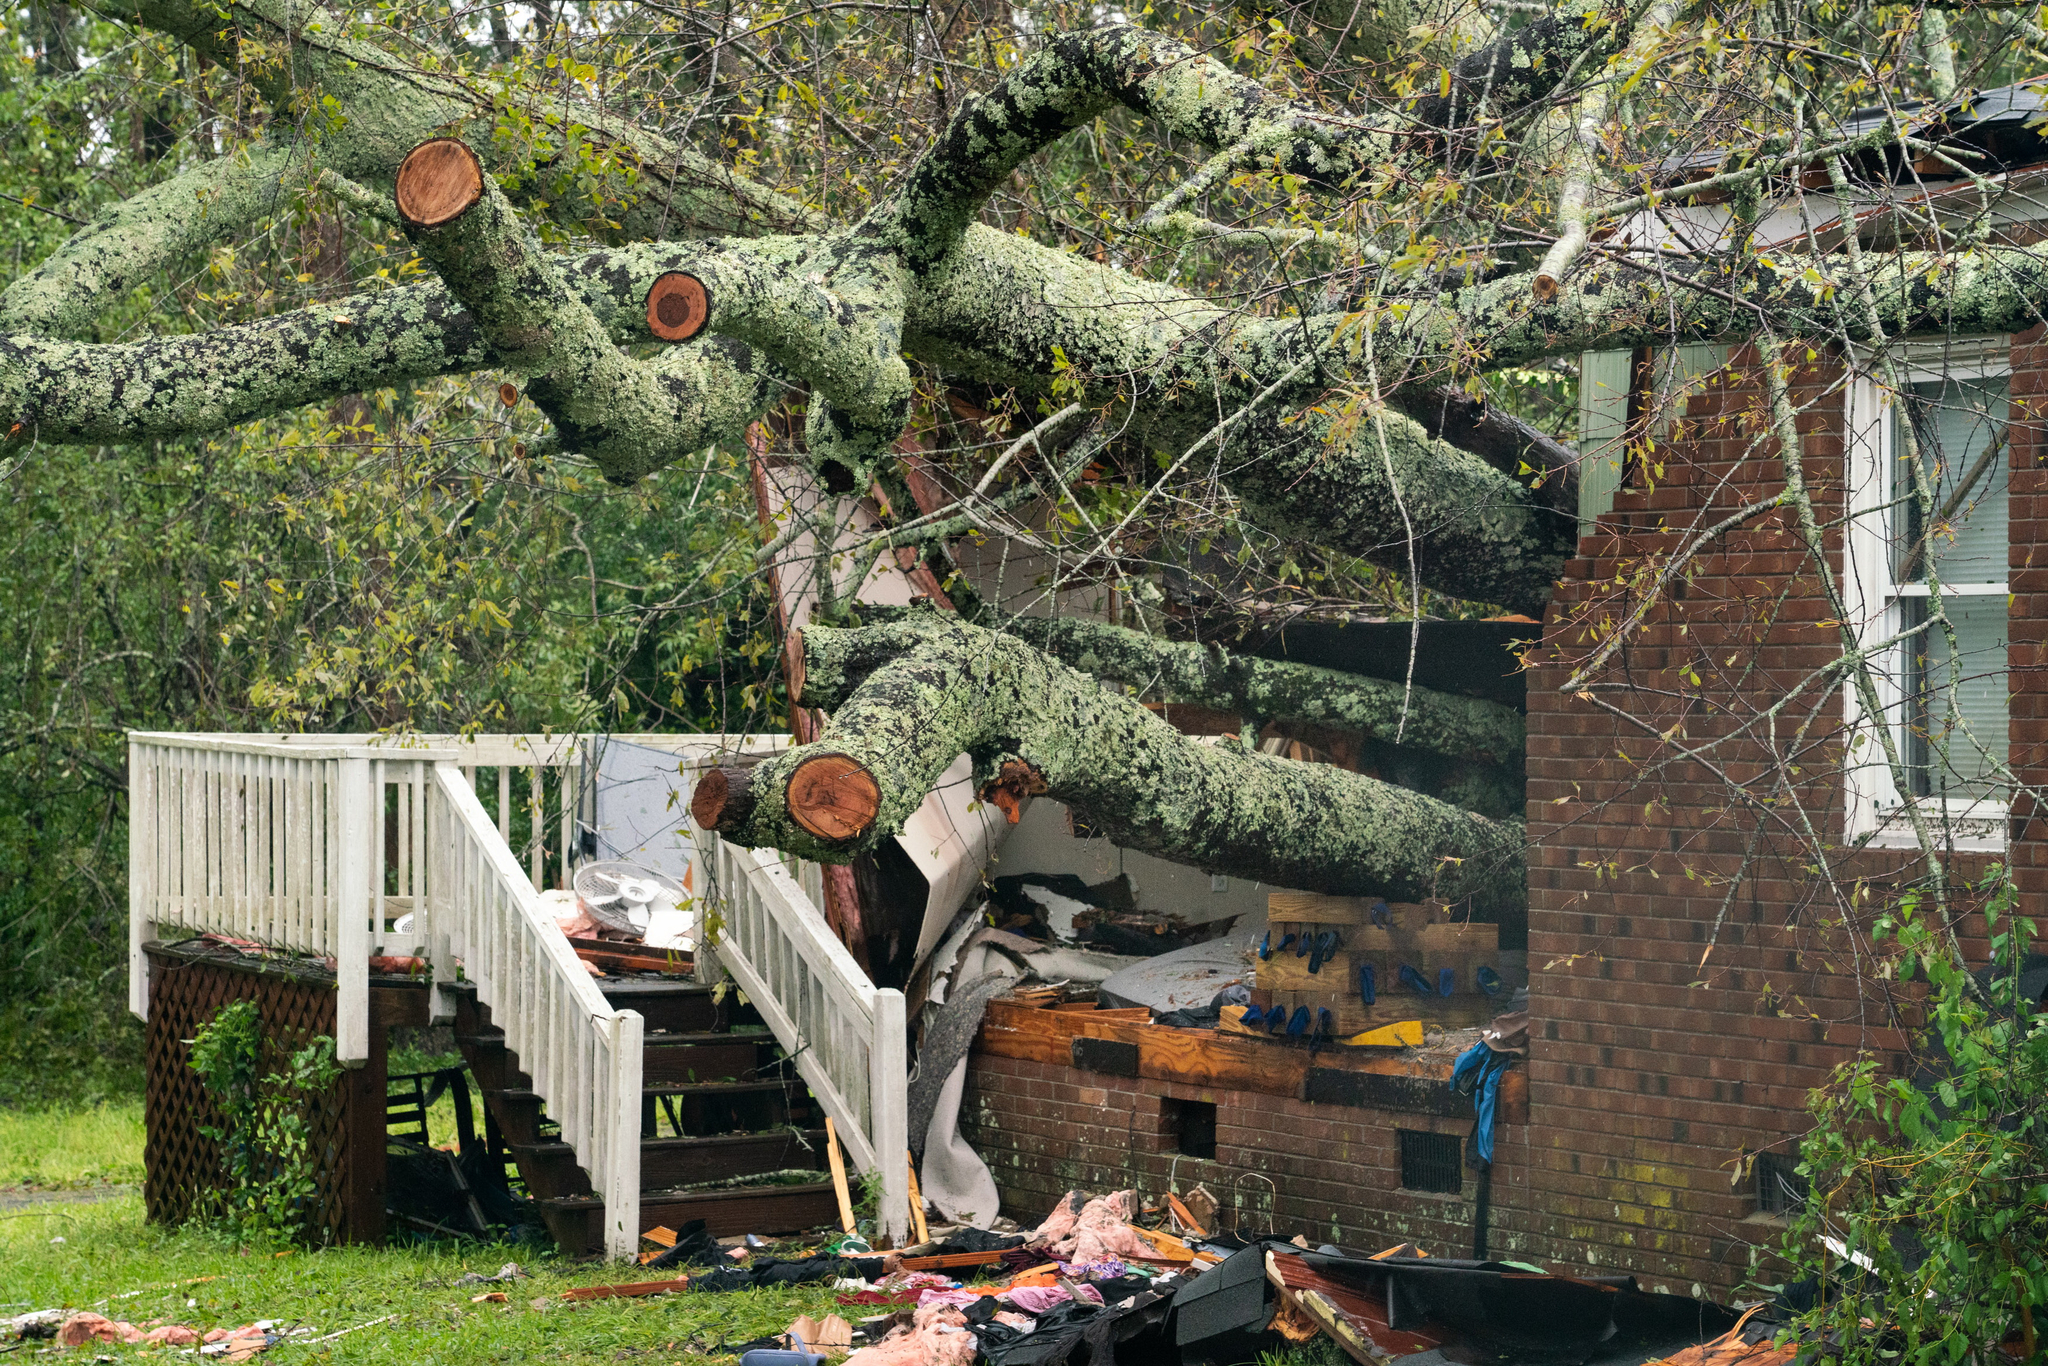 노스케롤라이나 윌밍턴에서 허리케인에 의해 쓰러진 나무가 주택을 덮쳤다. [UPI=연합뉴스]